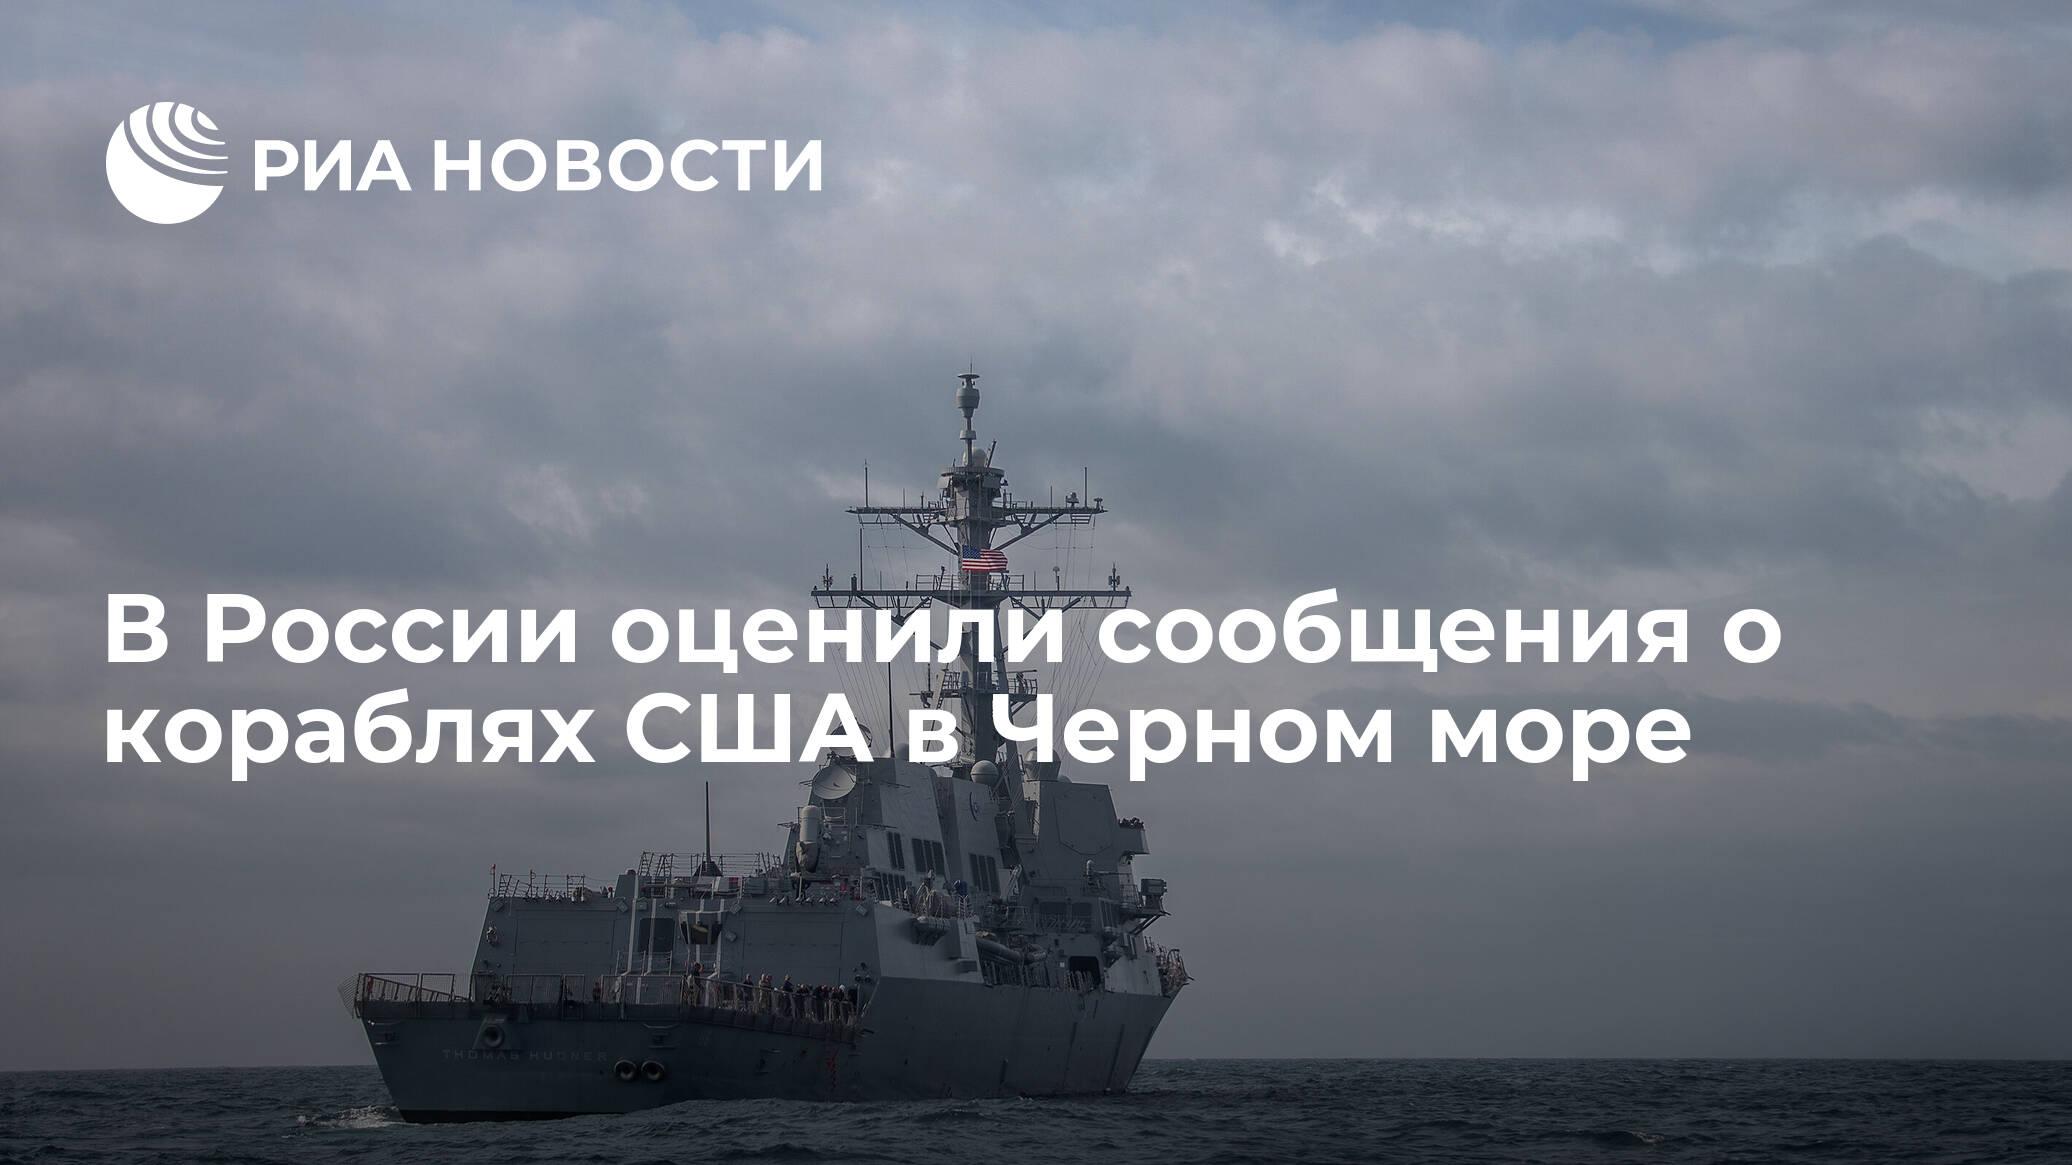 Депутат Госдумы Панина оценила сообщения о кораблях США в Черном море